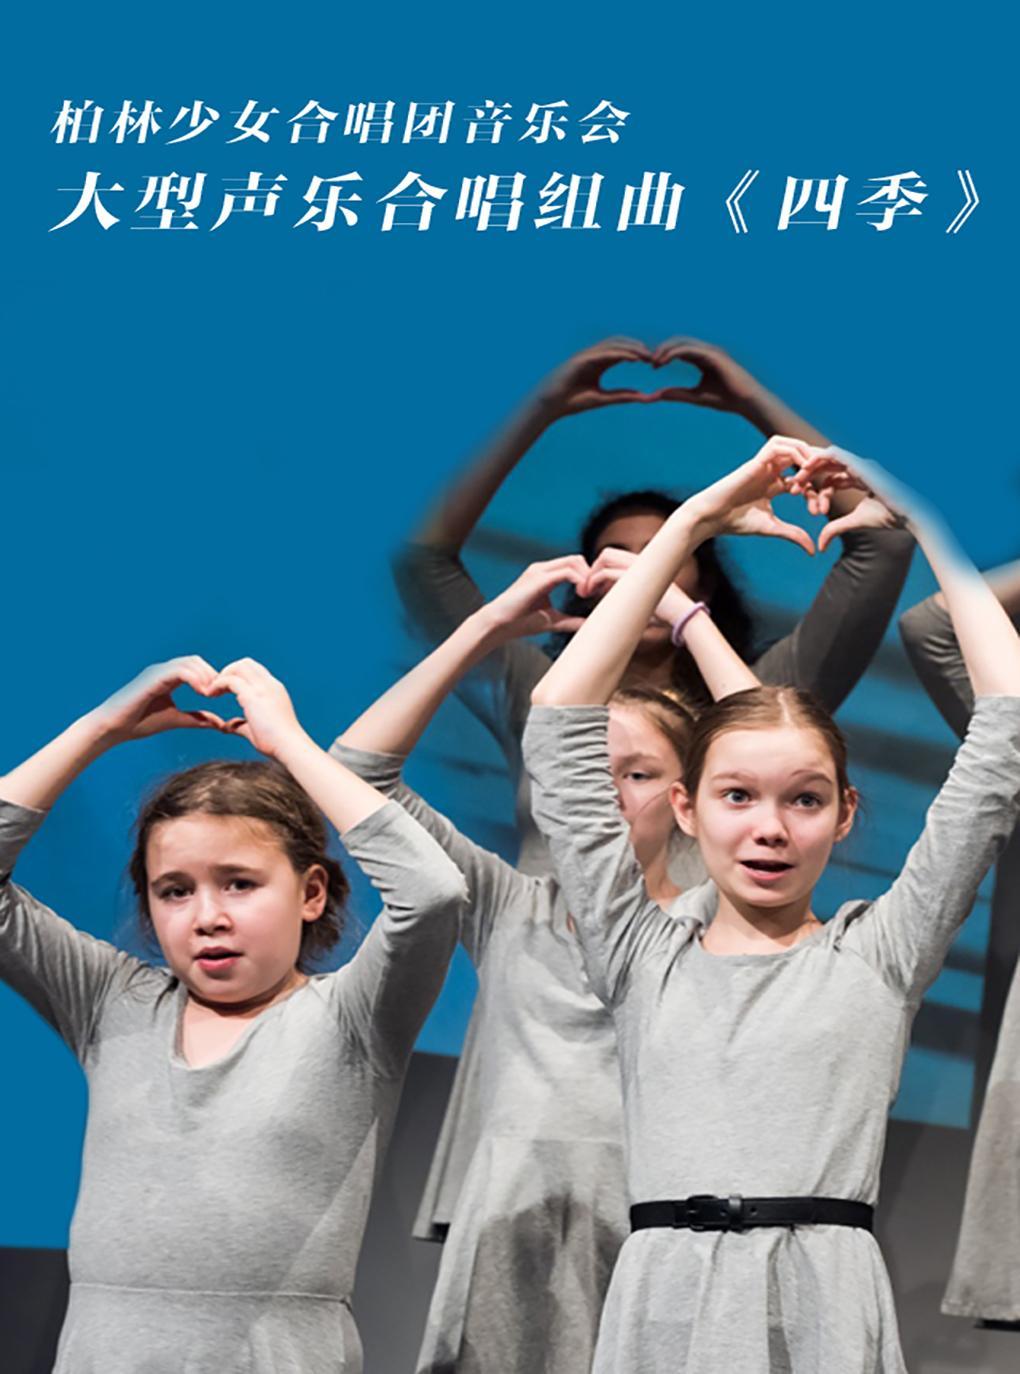 柏林少女合唱团《四季》